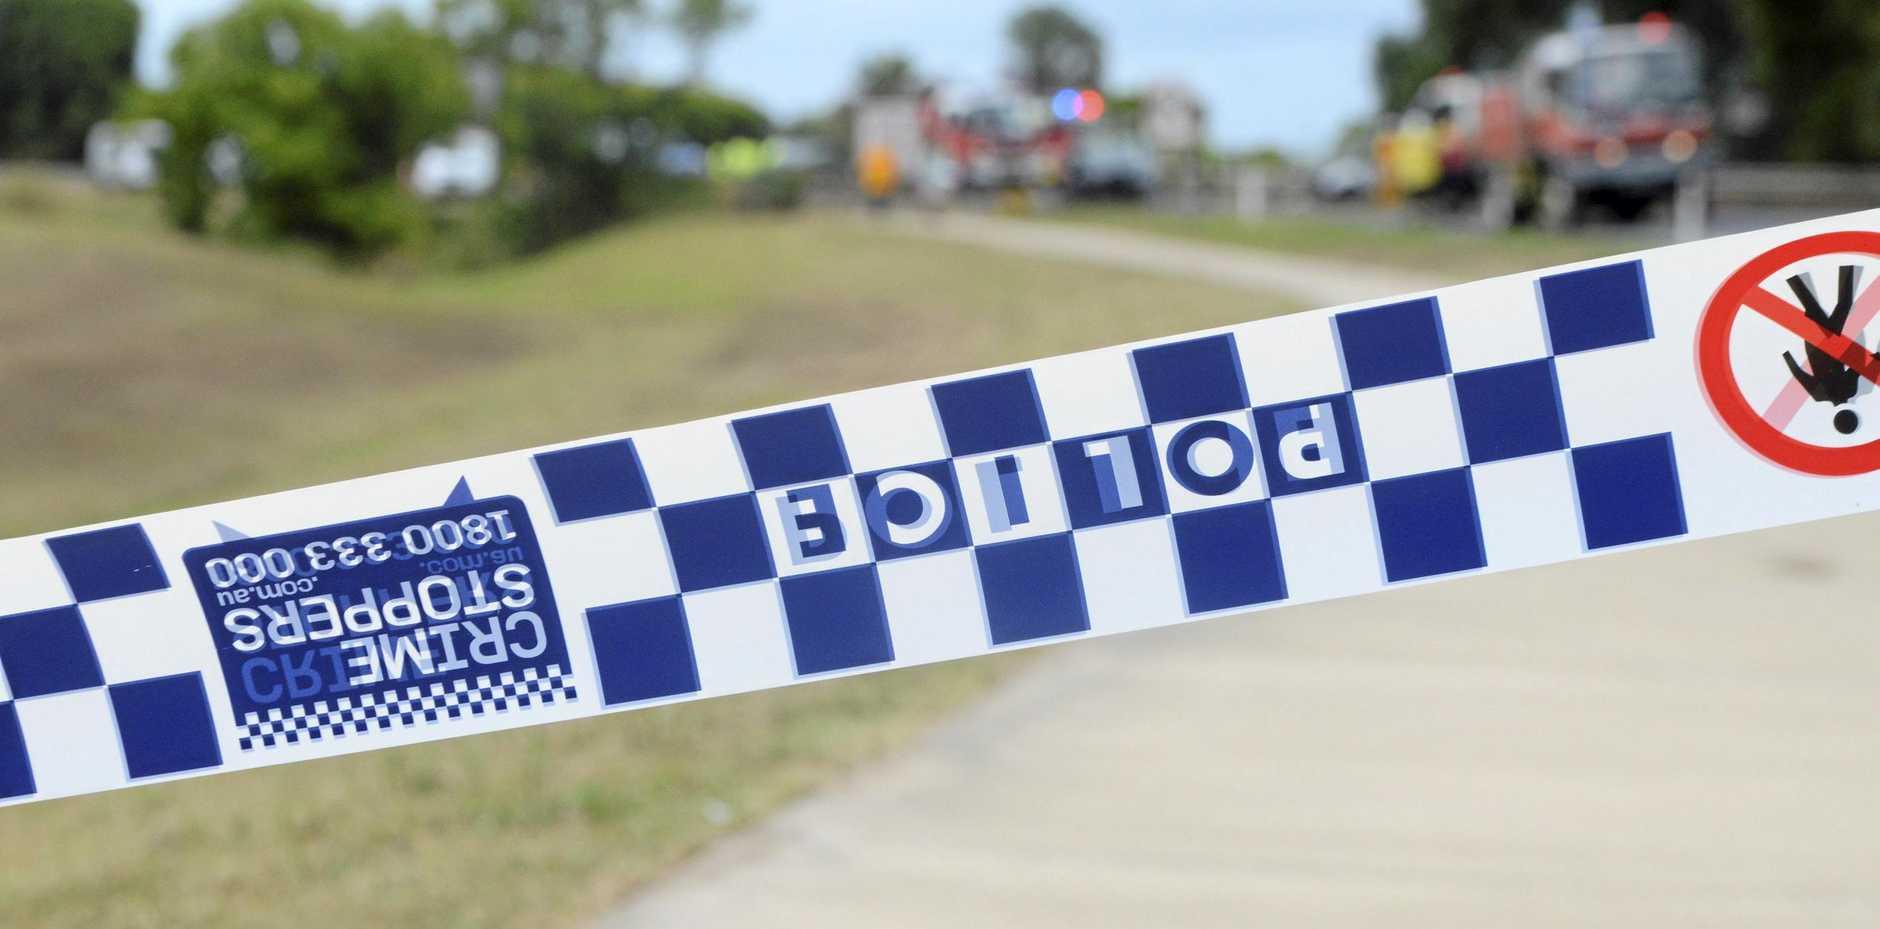 Police tape, crime scene, police generic